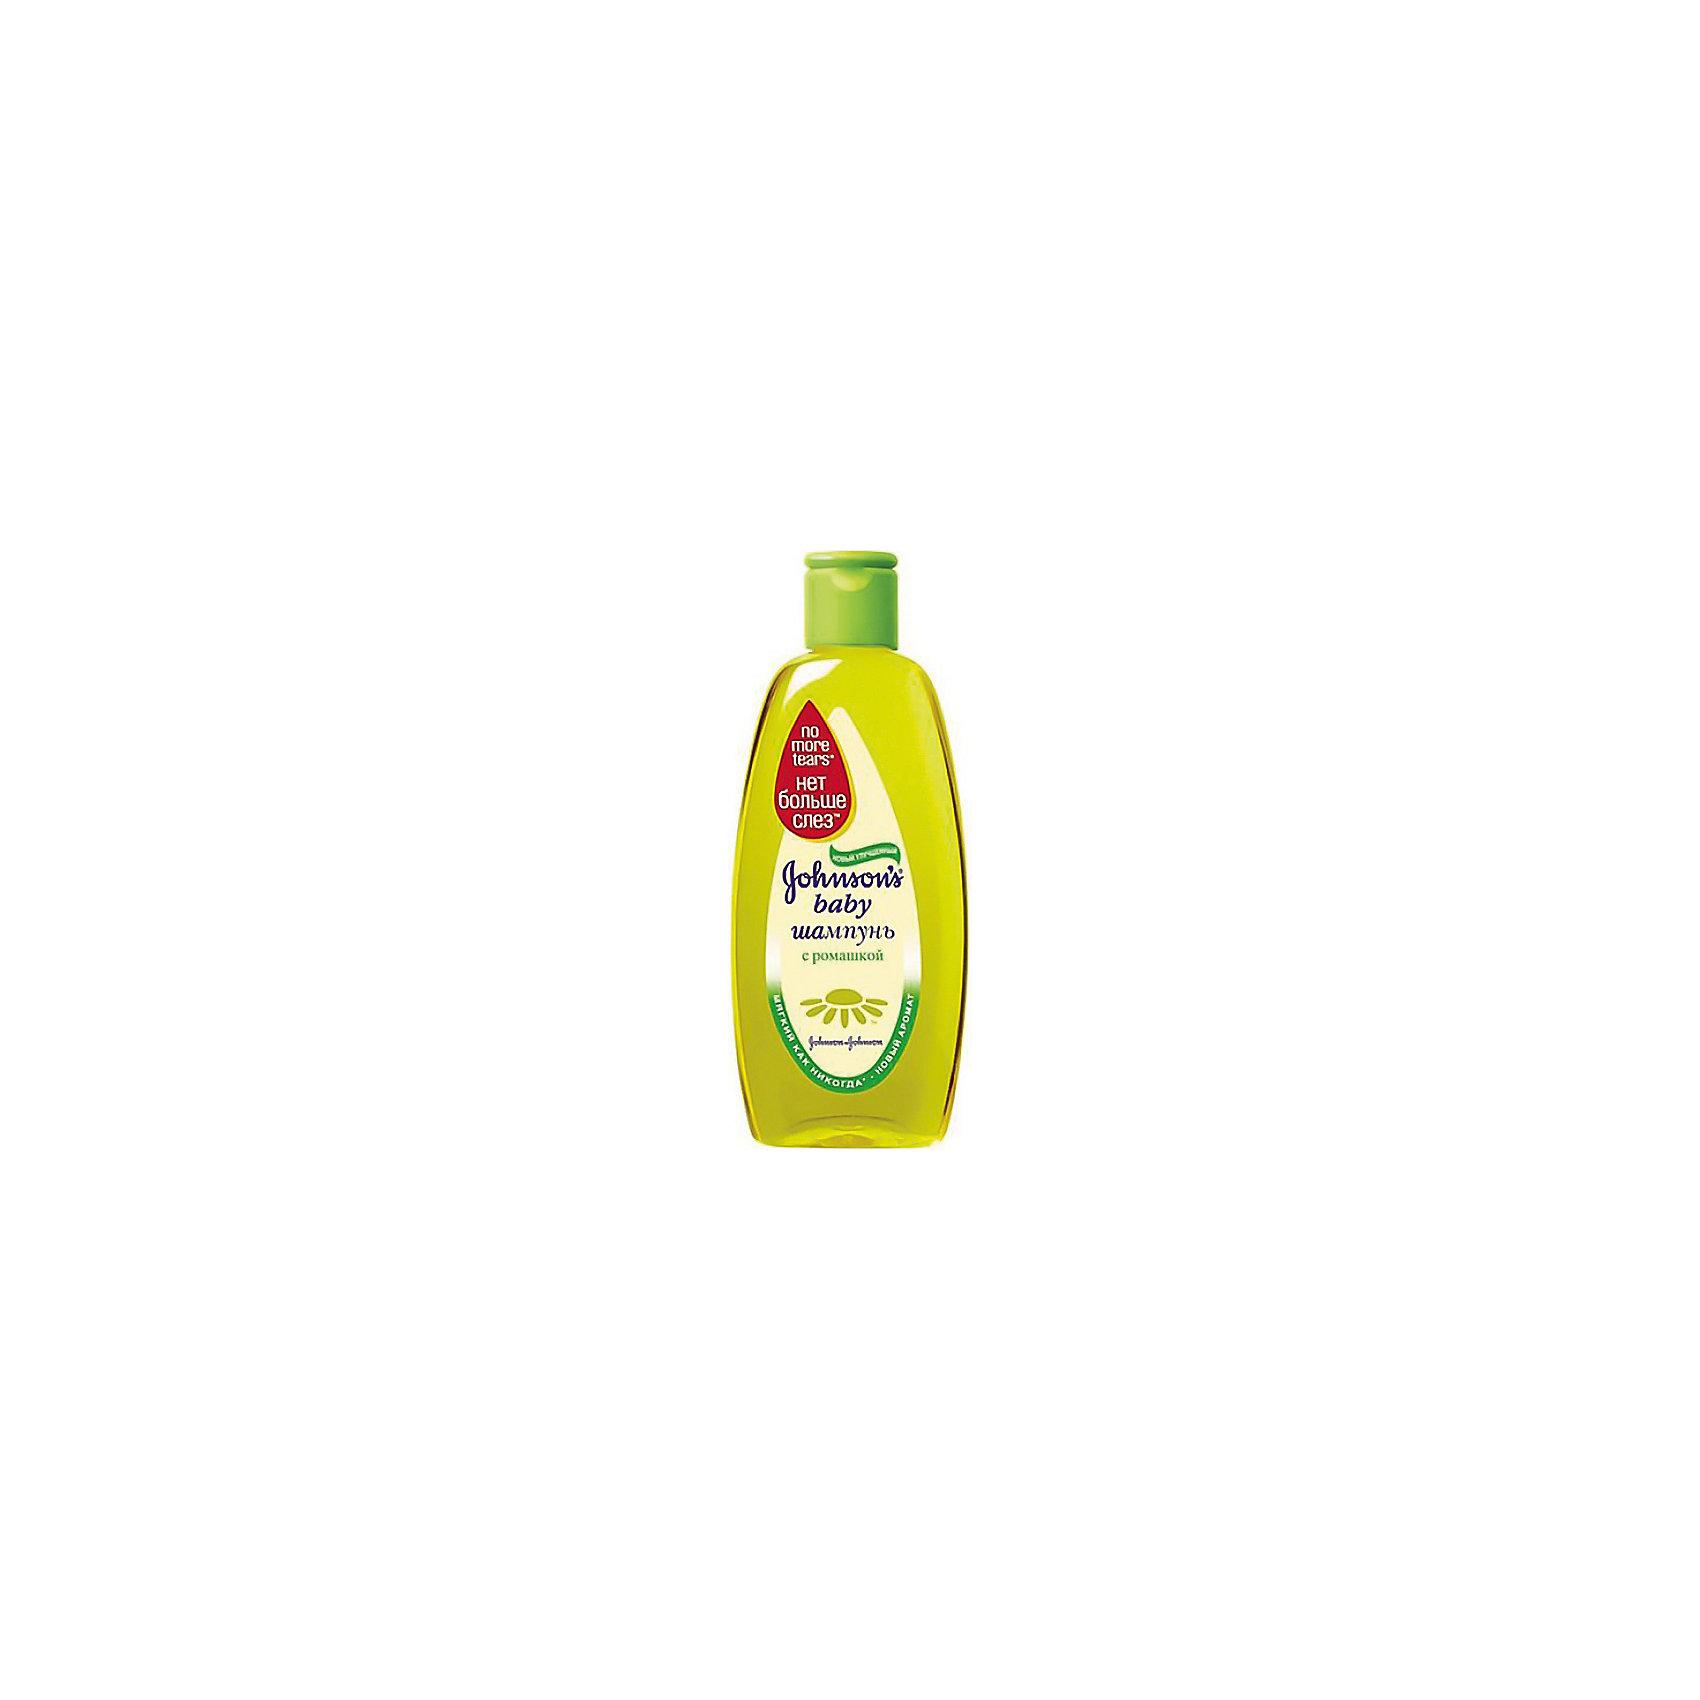 Шампунь с ромашкой 500 мл., Johnson `s babyКосметика для купания<br>Шампунь Johnsons детский с ромашкой 500 мл оказывает смягчающее действие на кожу головы и волосы. Благодаря натуральному экстракту ромашки волосы становятся мягкими и блестящими. Волосы ребенка легко расчесываются и становятся послушными. Шампунь не содержит мыла, поэтому не сушит кожу головы. Им можно пользоваться каждый день. Шампунь содержит уникальную формулу Нет больше слез, которая не щипет и не раздражает глазки.<br><br>Ширина мм: 45<br>Глубина мм: 87<br>Высота мм: 216<br>Вес г: 559<br>Возраст от месяцев: 0<br>Возраст до месяцев: 48<br>Пол: Унисекс<br>Возраст: Детский<br>SKU: 4124376